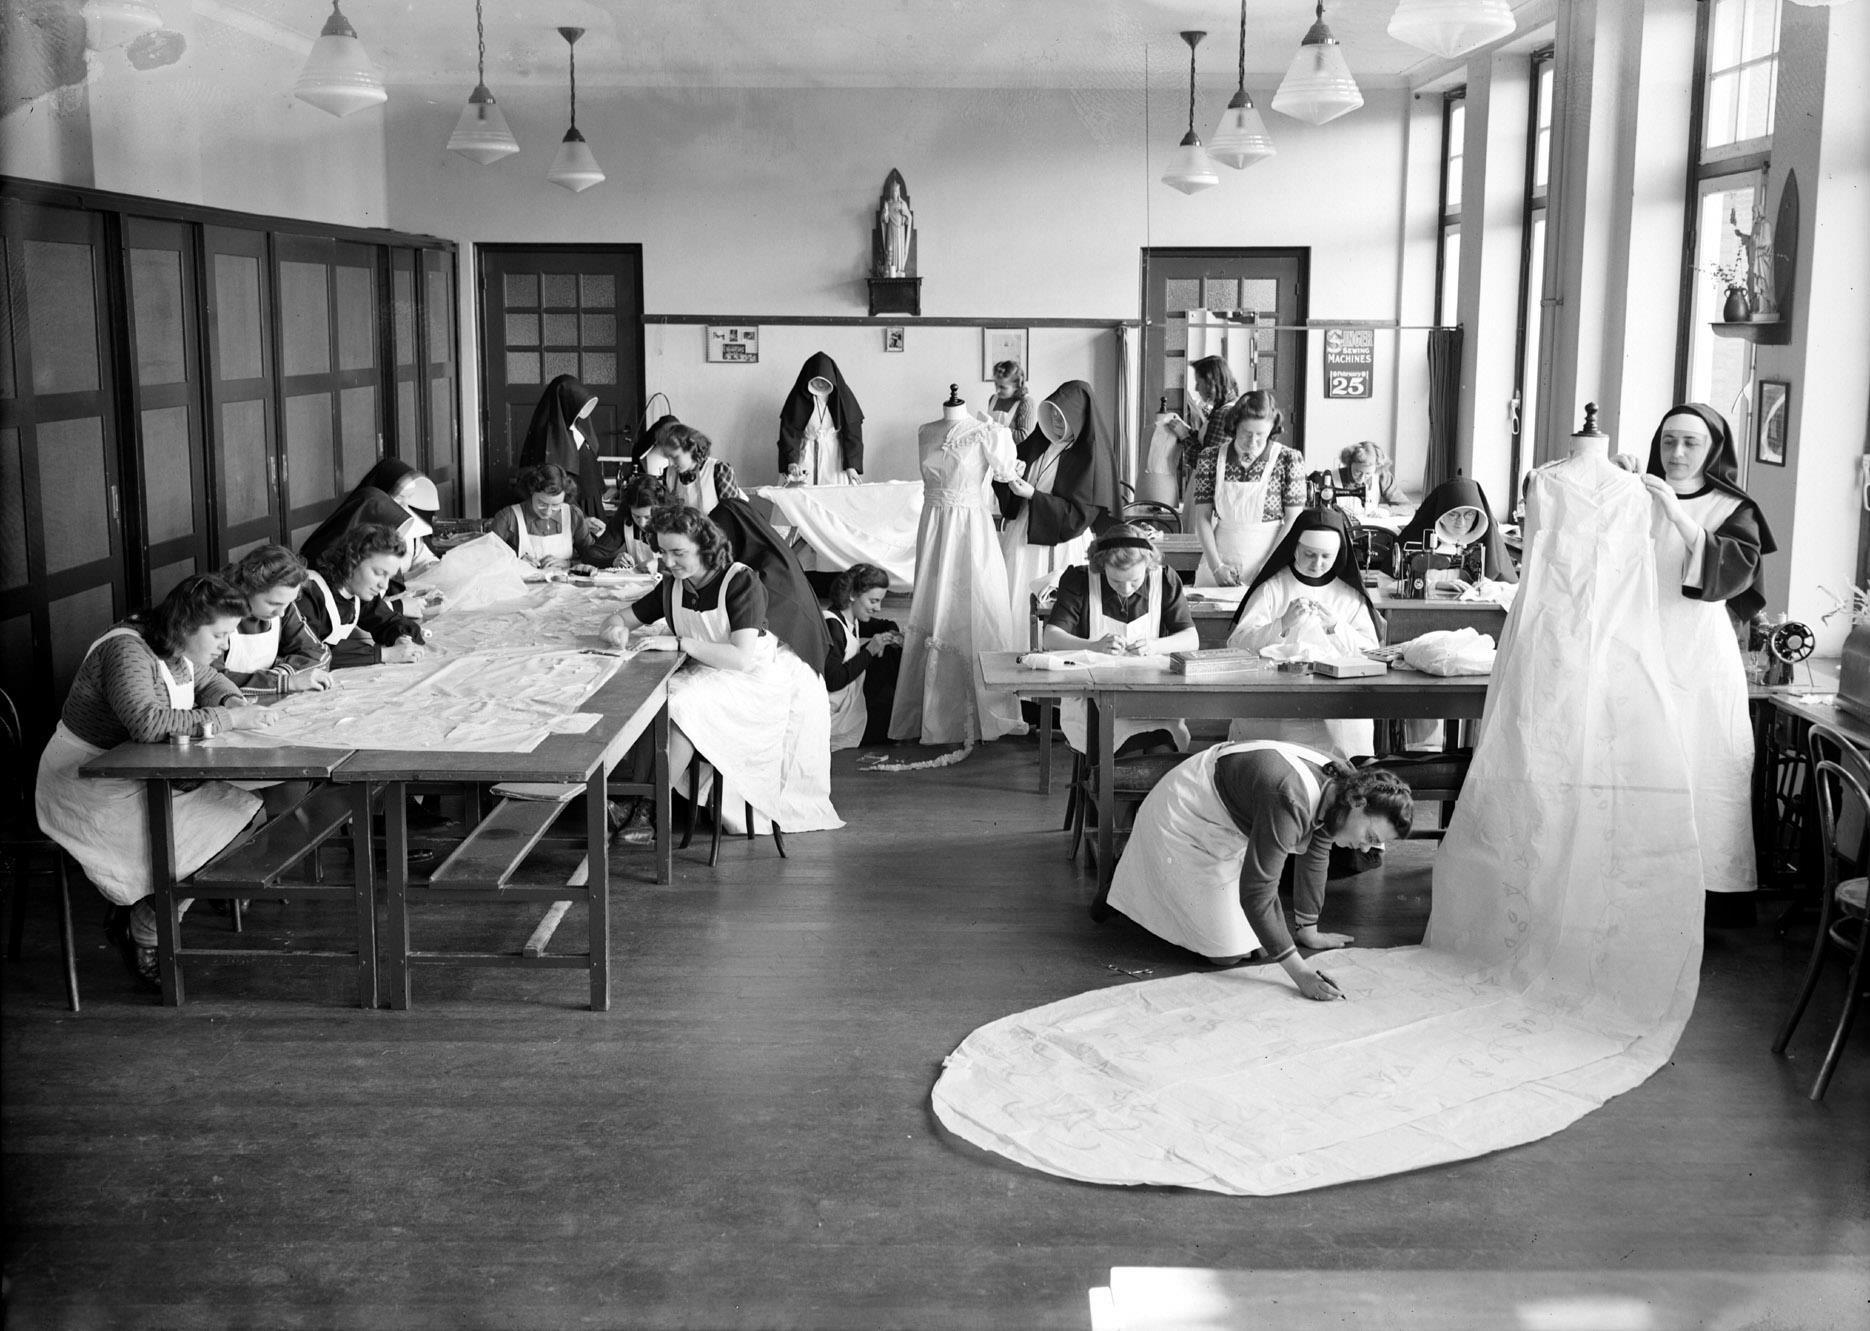 leerlingen en nonnen in het naaiatelier